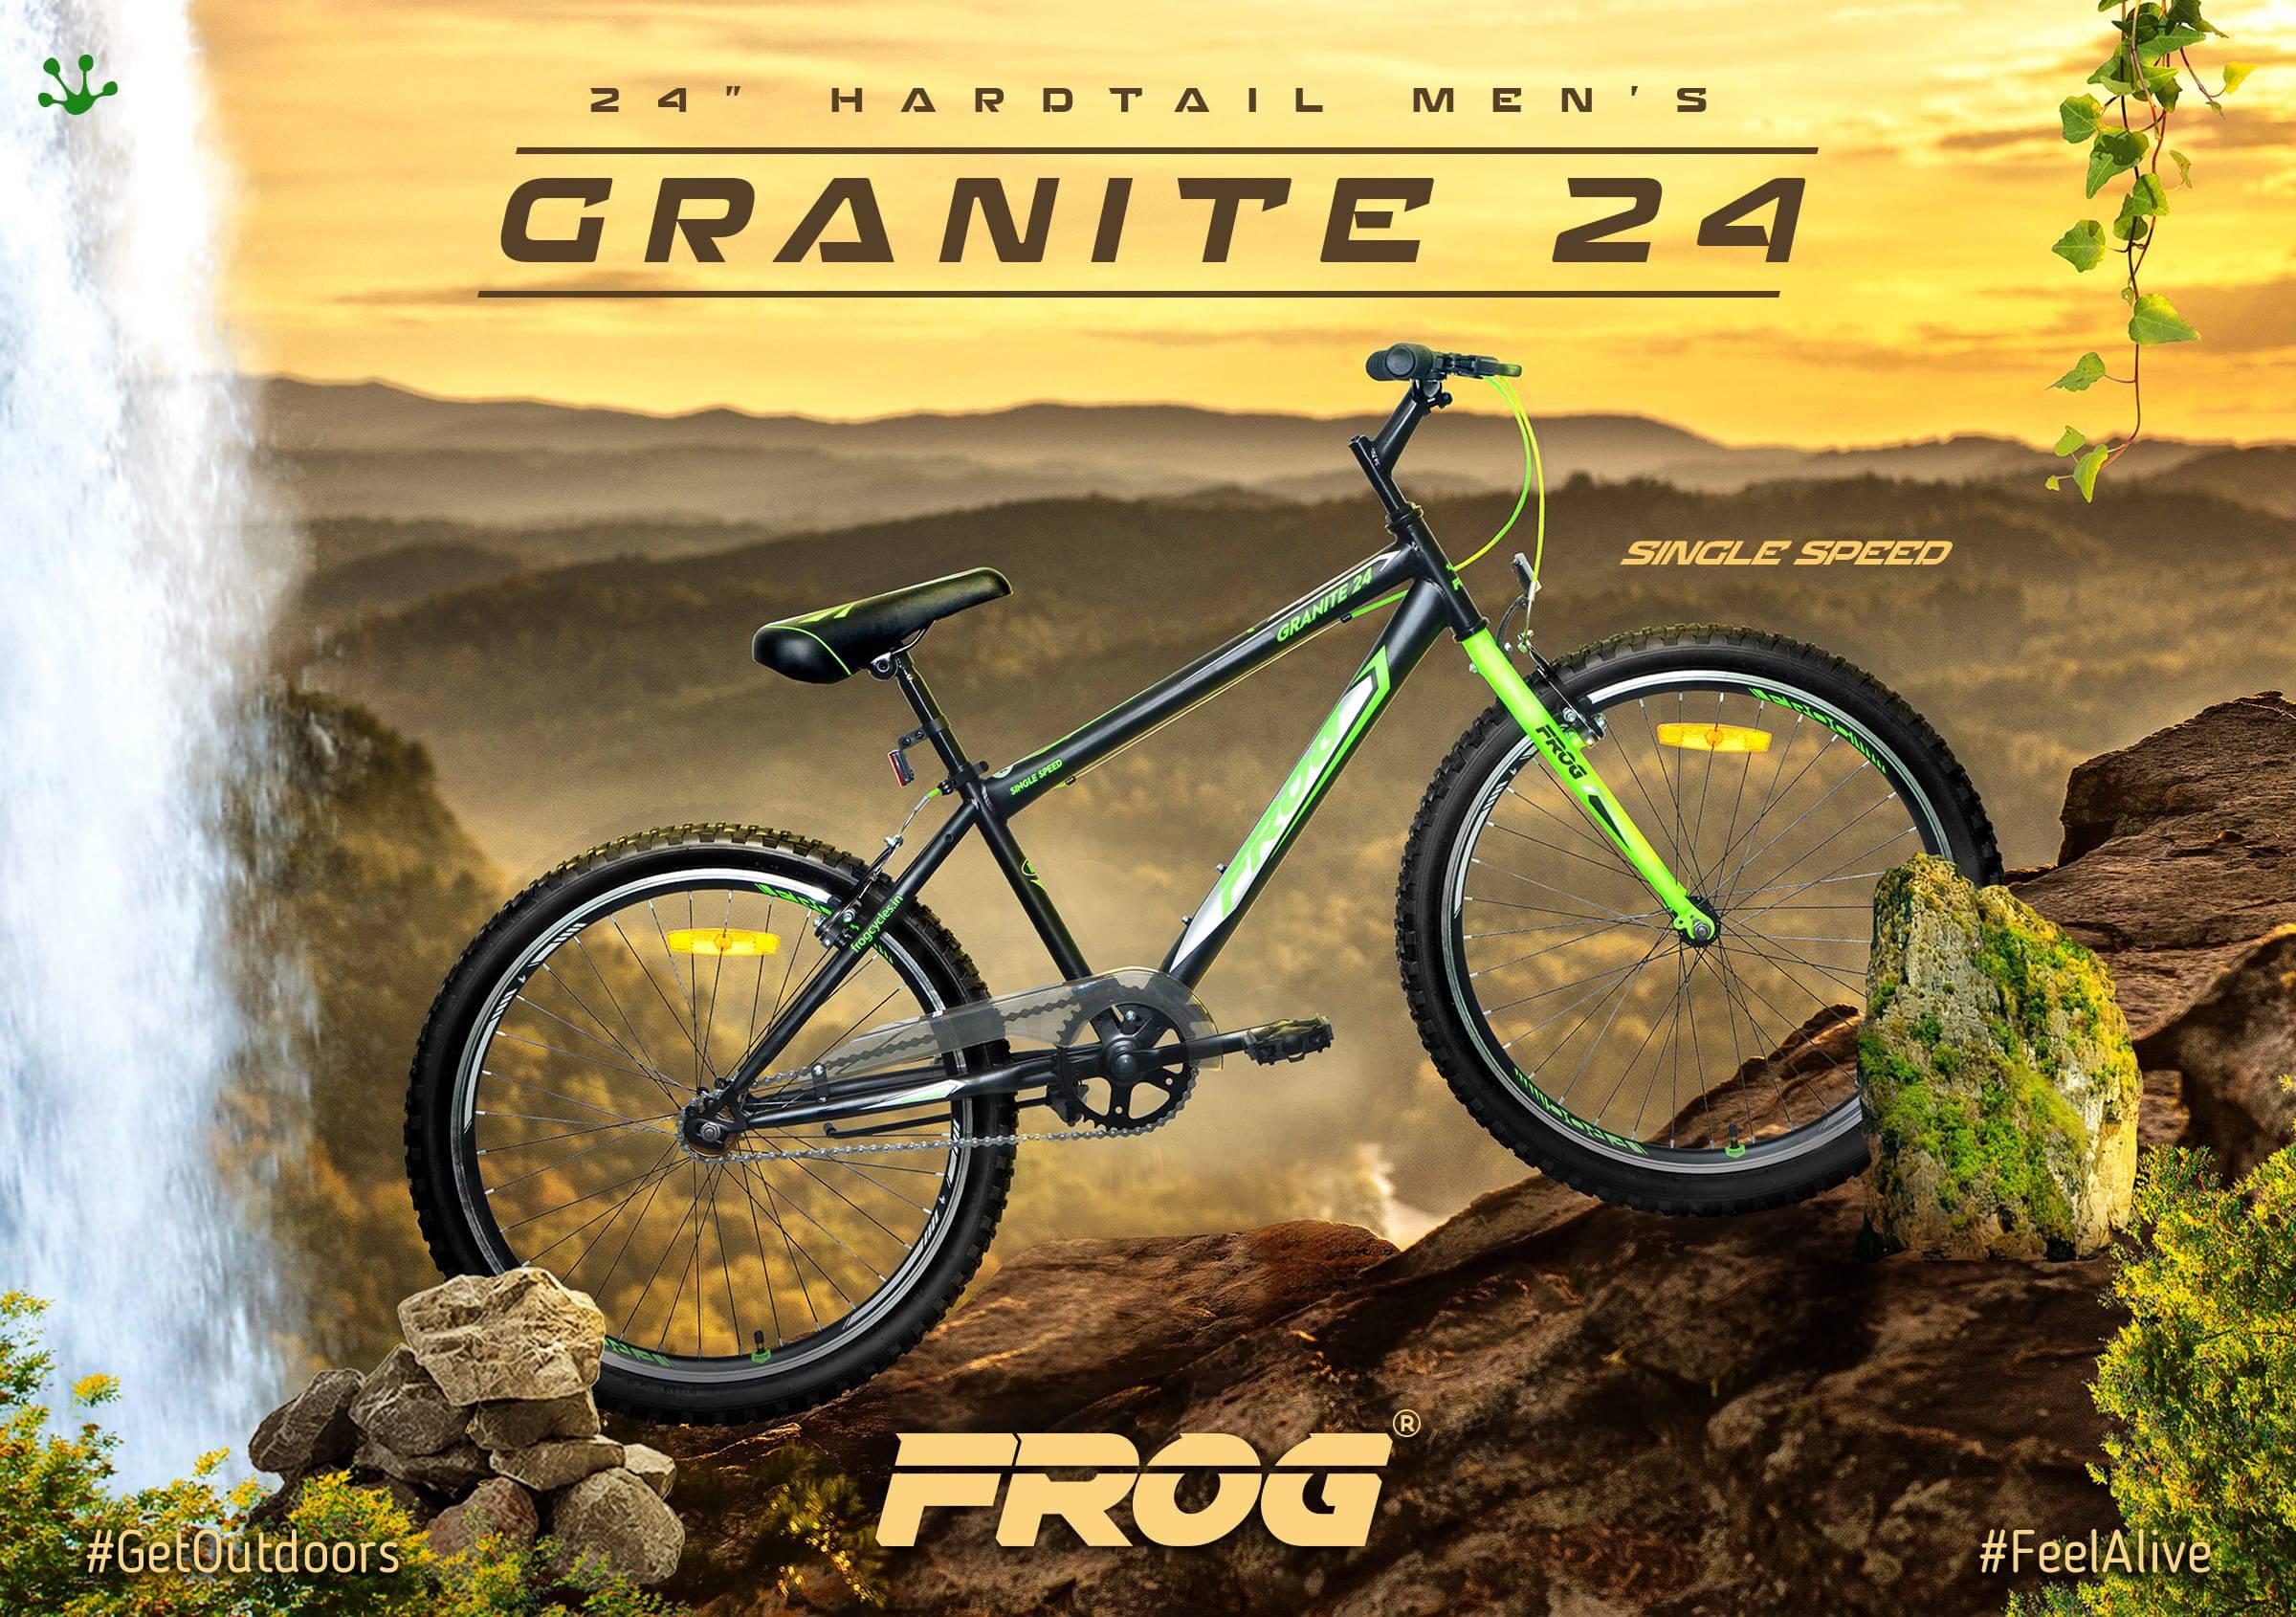 Granite 24 Men image 2